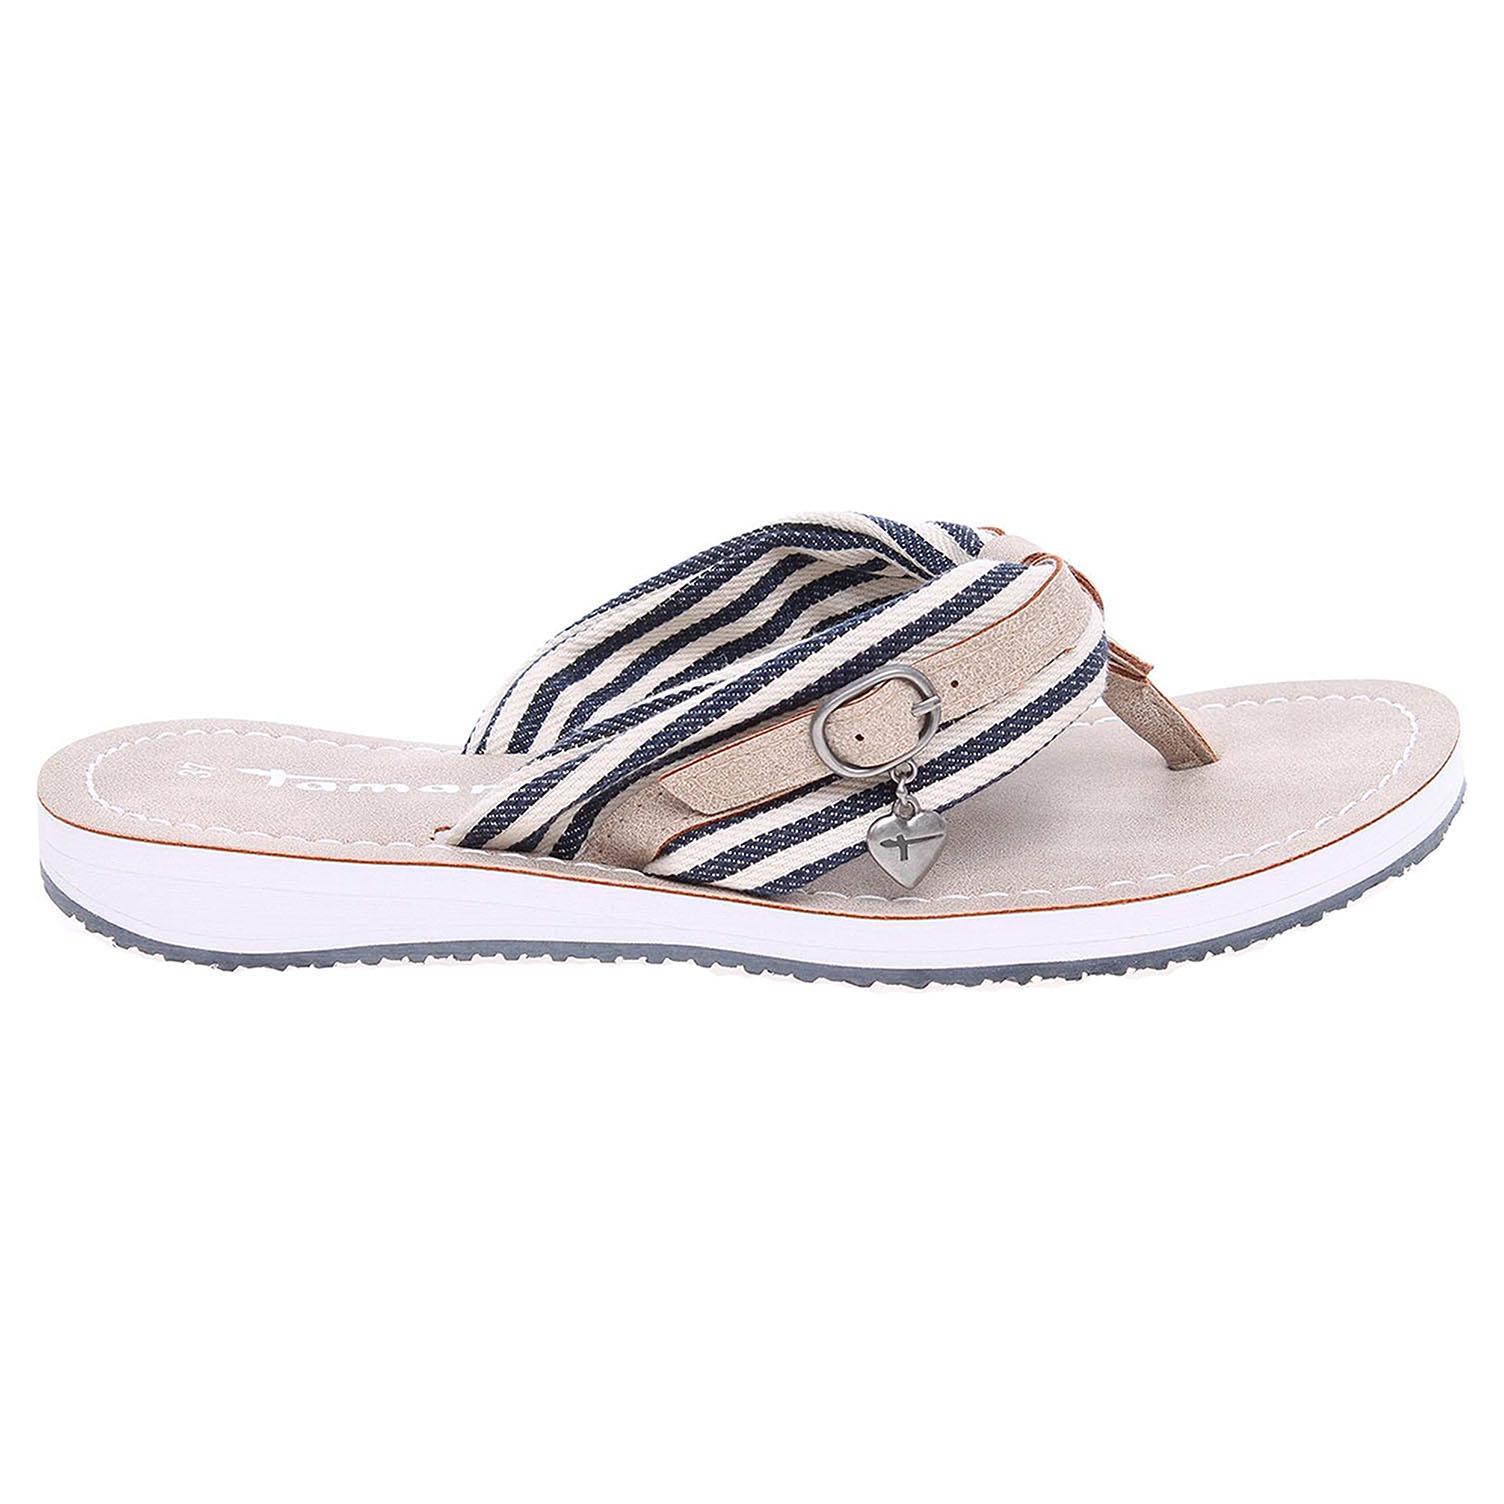 Ecco Tamaris dámské plážové pantofle 1-27109-28 modrá-béžová 23700320